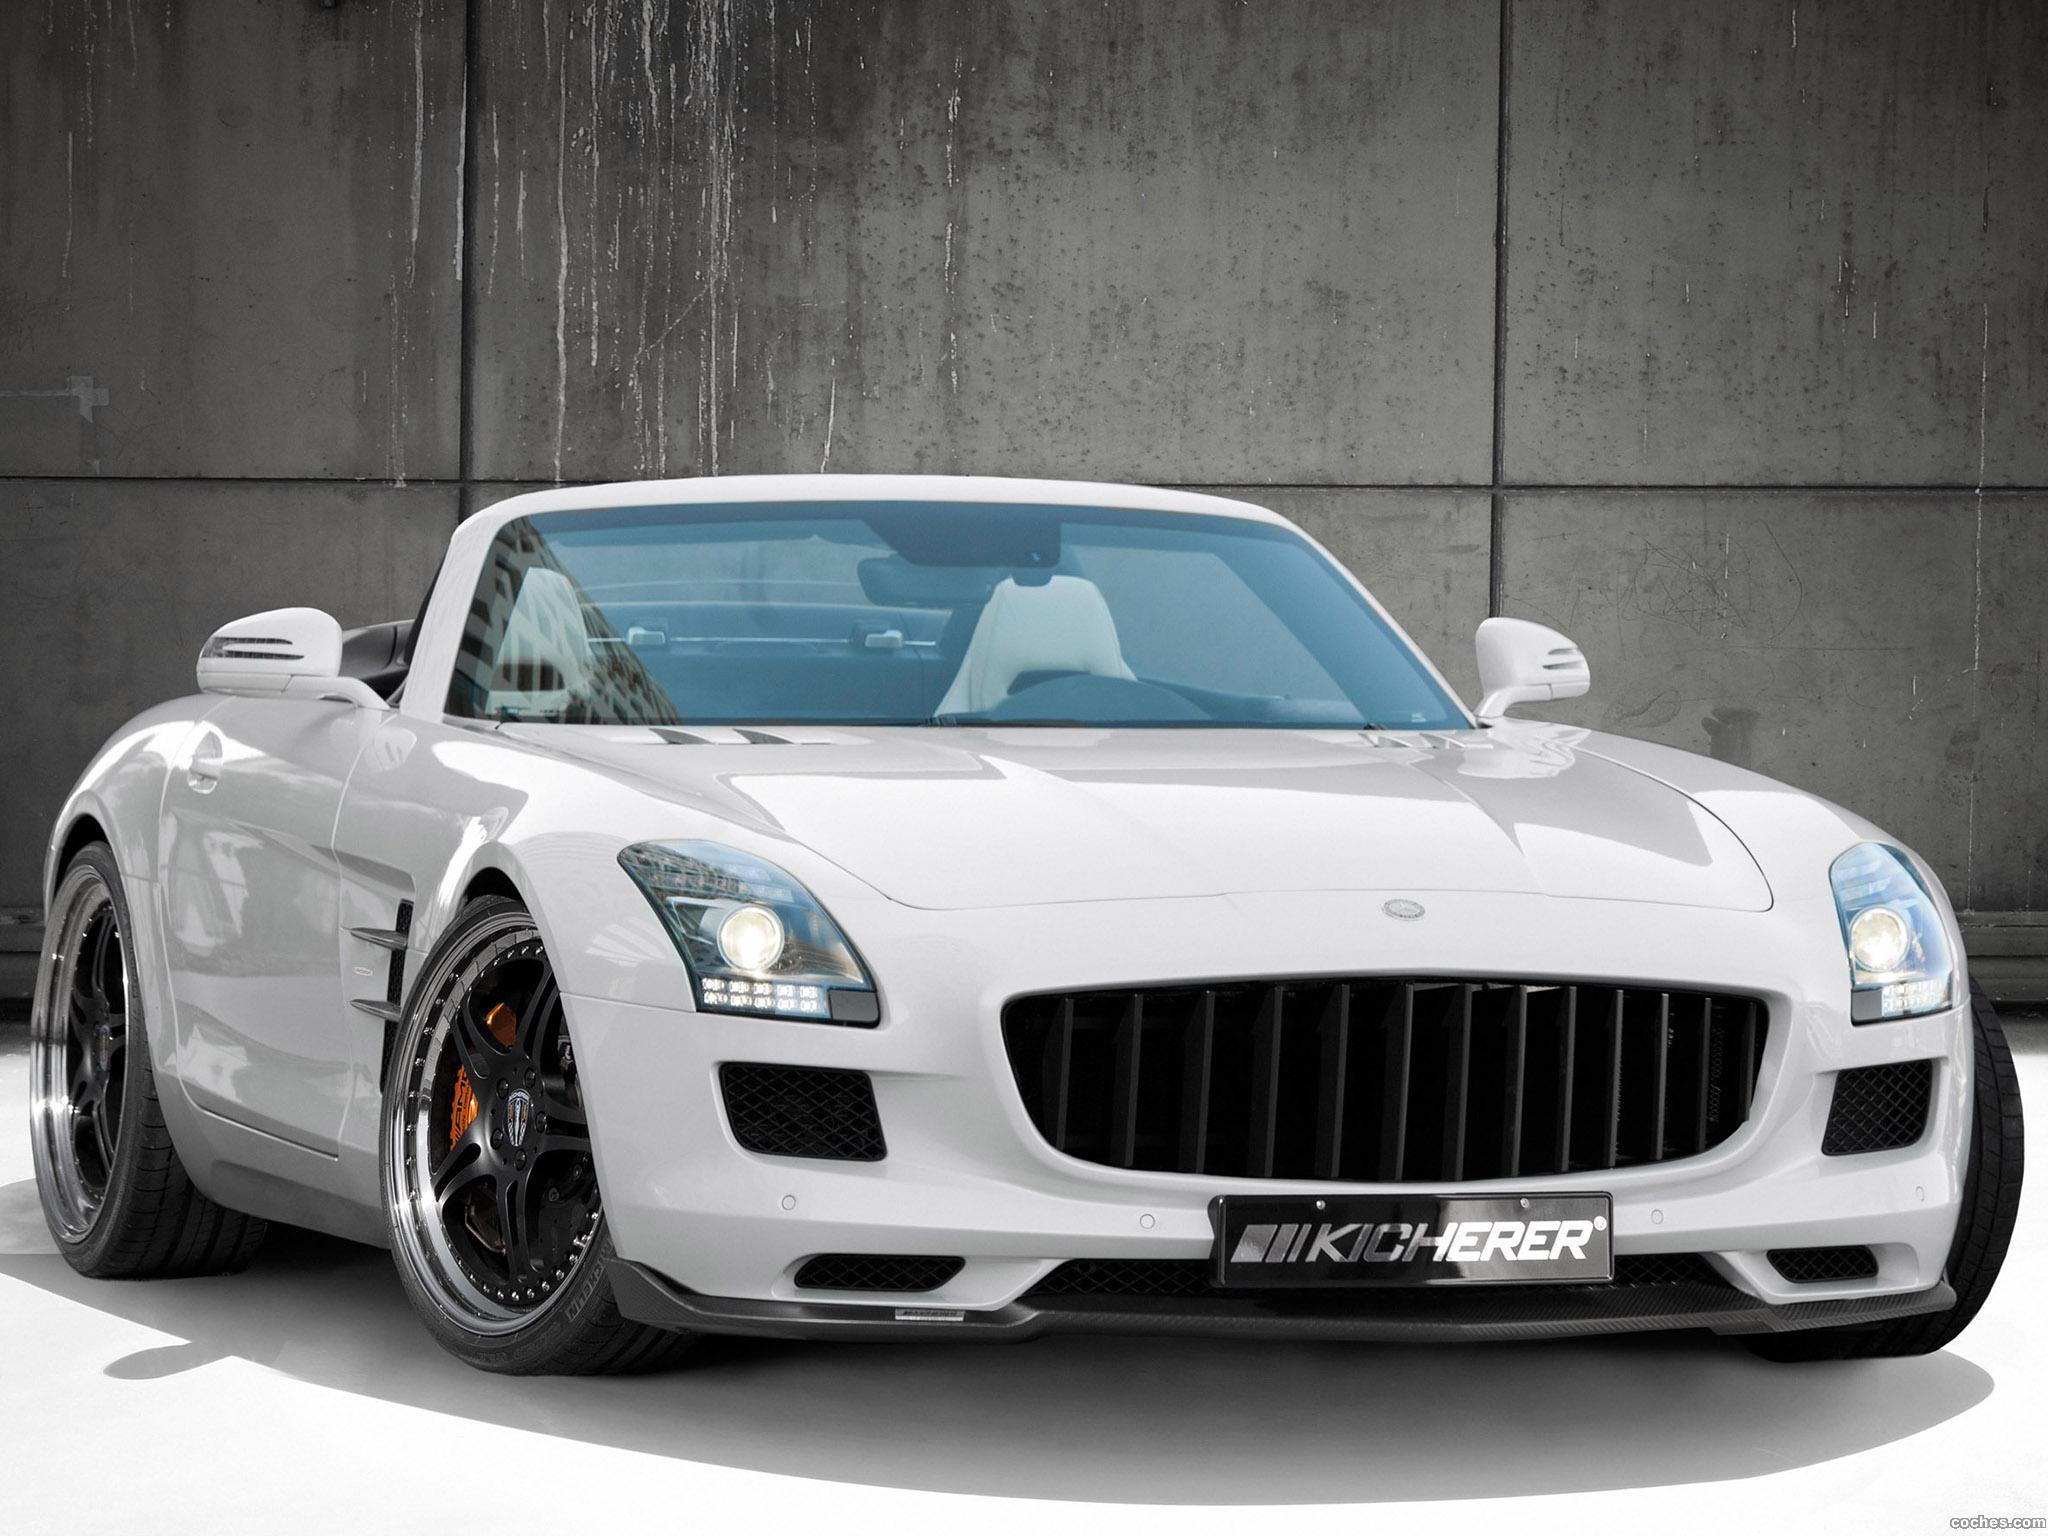 kicherer_amg-sls-roadster-supersport-gtr-2011_r3